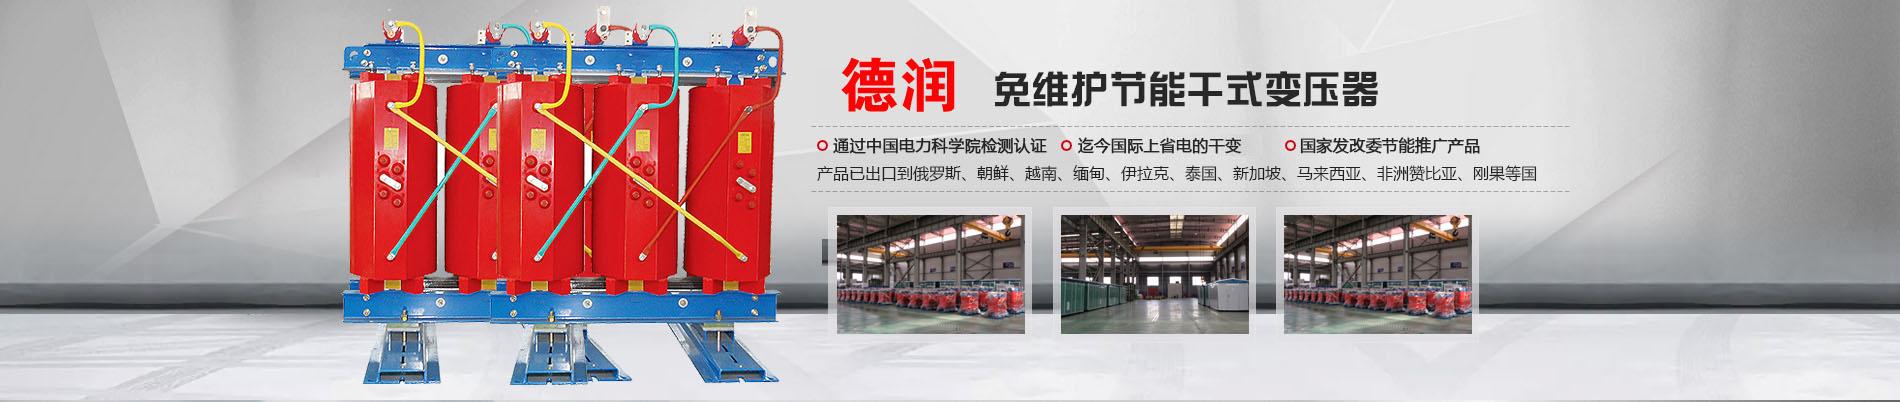 内江干式变压器厂家